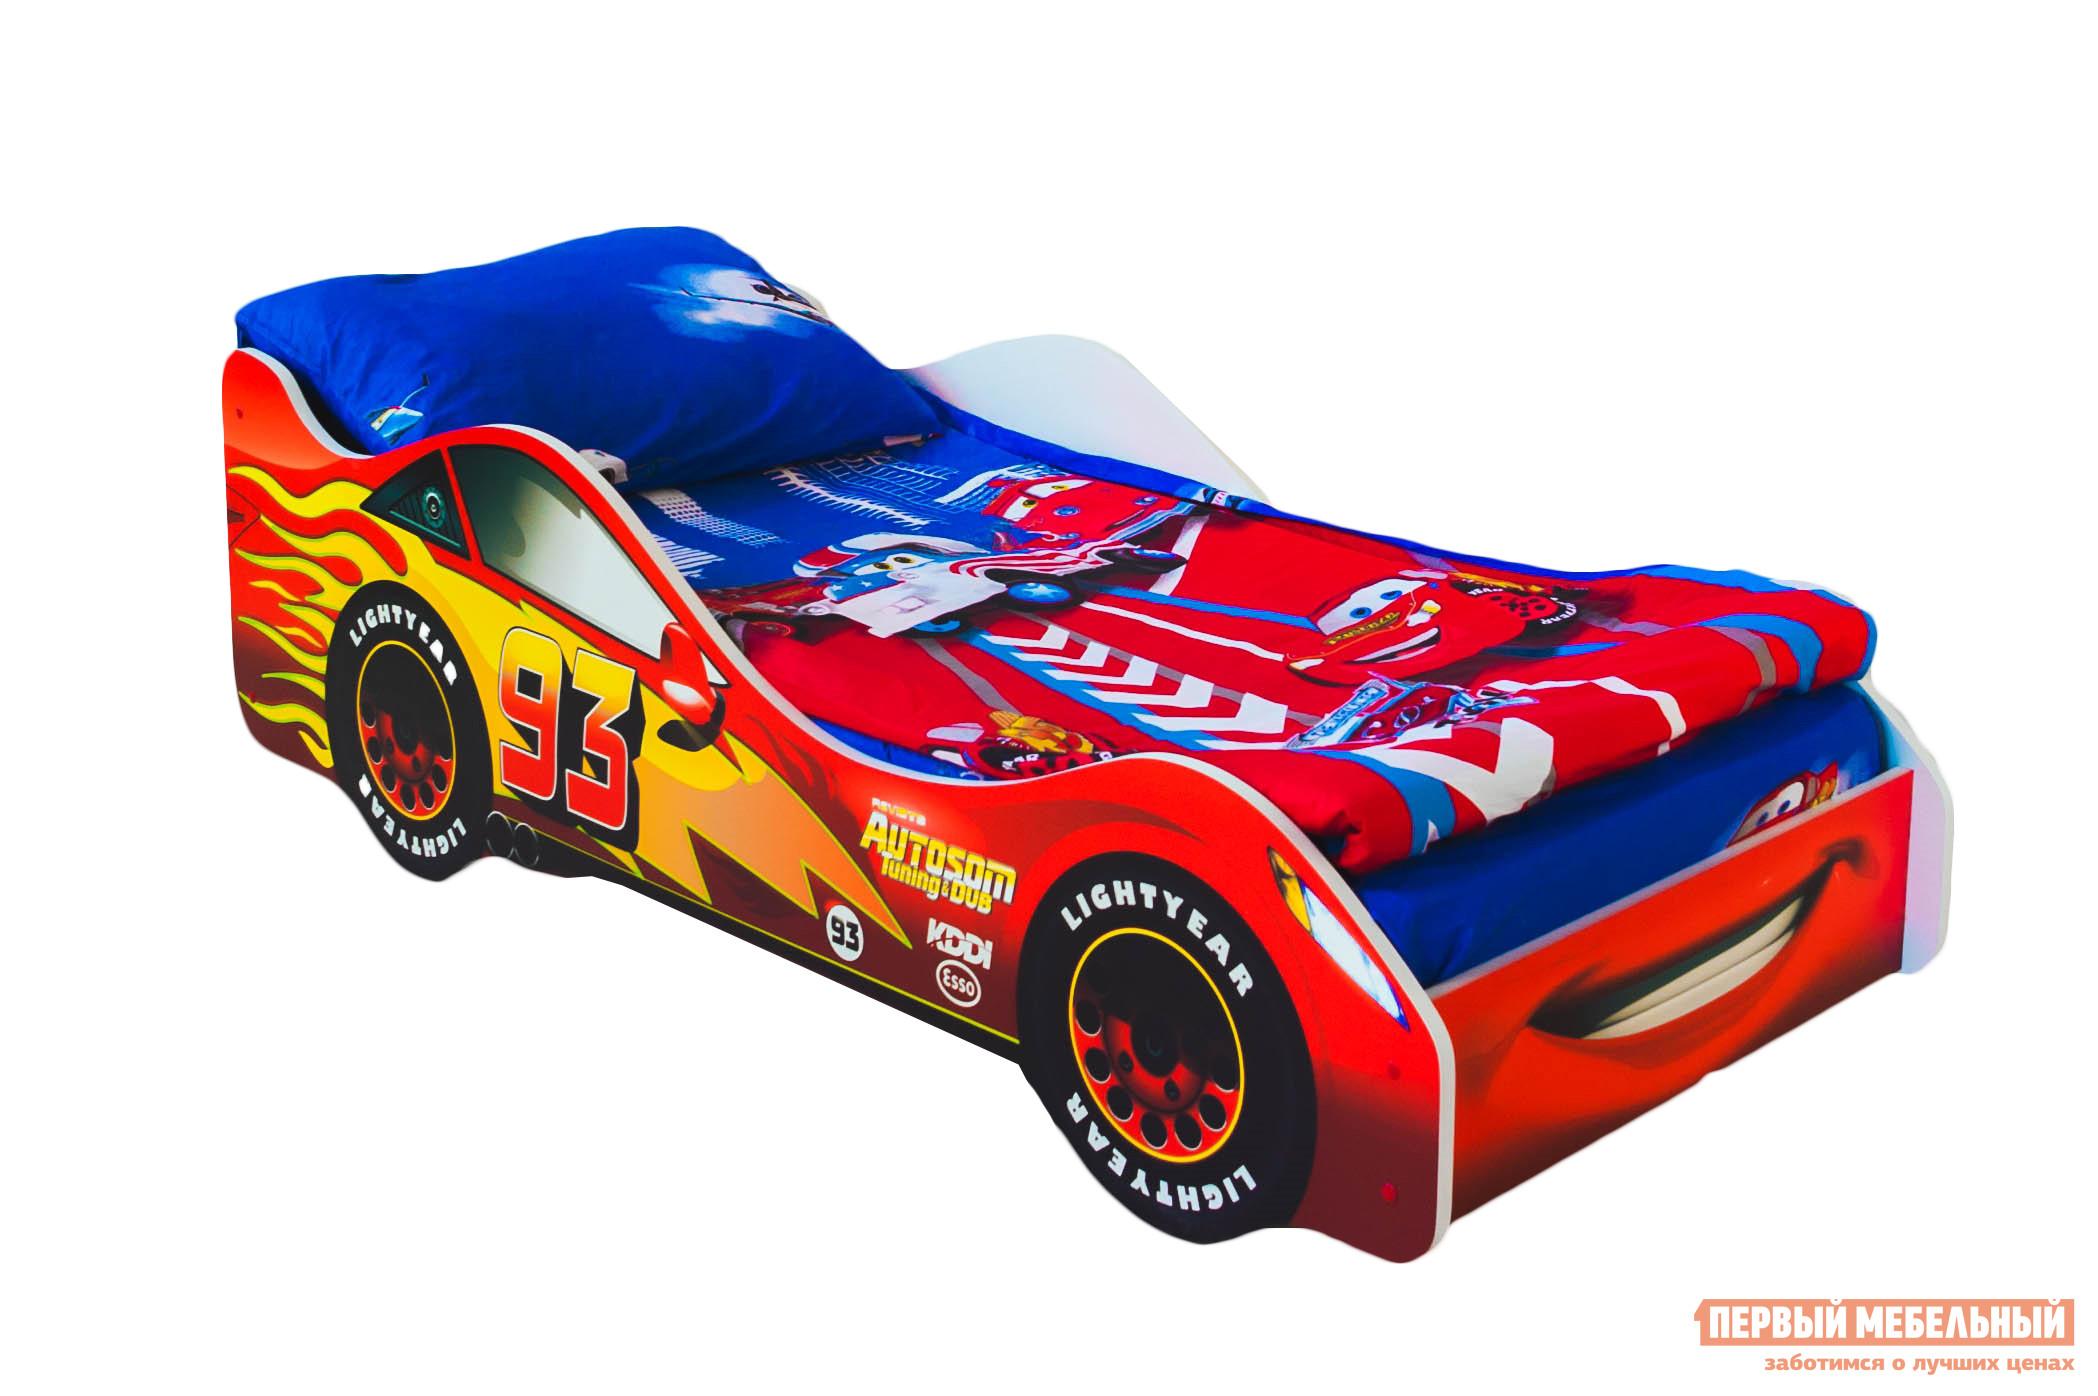 Кровать-машина Бельмарко Тачка Красный, Без матрасаКровати-машины<br>Габаритные размеры ВхШхГ 500x750x1700 мм. Кроватка, исполненная в виде задорного автомобиля, станет настоящим другом вашего ребенка. Размер спального места составляет 700х1600 мм. Боковые линии кровати позволяют взрослому удобно сидеть, пока ребенок засыпает, при этом малыш никогда не упадет во сне. Модель очень легко собирается в течении 10 минут. Основание под матрас — деревянные прочные латы, выдерживающие нагрузку до 200 кг.  Латы позволяют матрасу «дышать», если он намокнет — достаточно его перевернуть и он высохнет. Материал изготовления — ЛДСП класса E1 с прямой ультрафиолетовой печатью, что обеспечивает долговечность и безопасность в эксплуатации. Обратите внимание! Необходимо выбрать комплектацию: с матрасом или без. Также вы можете дополнительно заказать светодиодную подсветку дна кровати и пластиковые объемные колеса, с которыми вы можете более подробно ознакомиться во вкладке «Аксессуары».<br><br>Цвет: Красный<br>Высота мм: 500<br>Ширина мм: 750<br>Глубина мм: 1700<br>Кол-во упаковок: 2<br>Форма поставки: В разобранном виде<br>Срок гарантии: 1 год<br>Материал: Дерево<br>Материал: ЛДСП<br>С бортиками: Да<br>С колесами: Да<br>С матрасом: Да<br>С подсветкой: Да<br>Возраст: От 3-х лет<br>Модель: Гонка<br>Пол: Для мальчиков